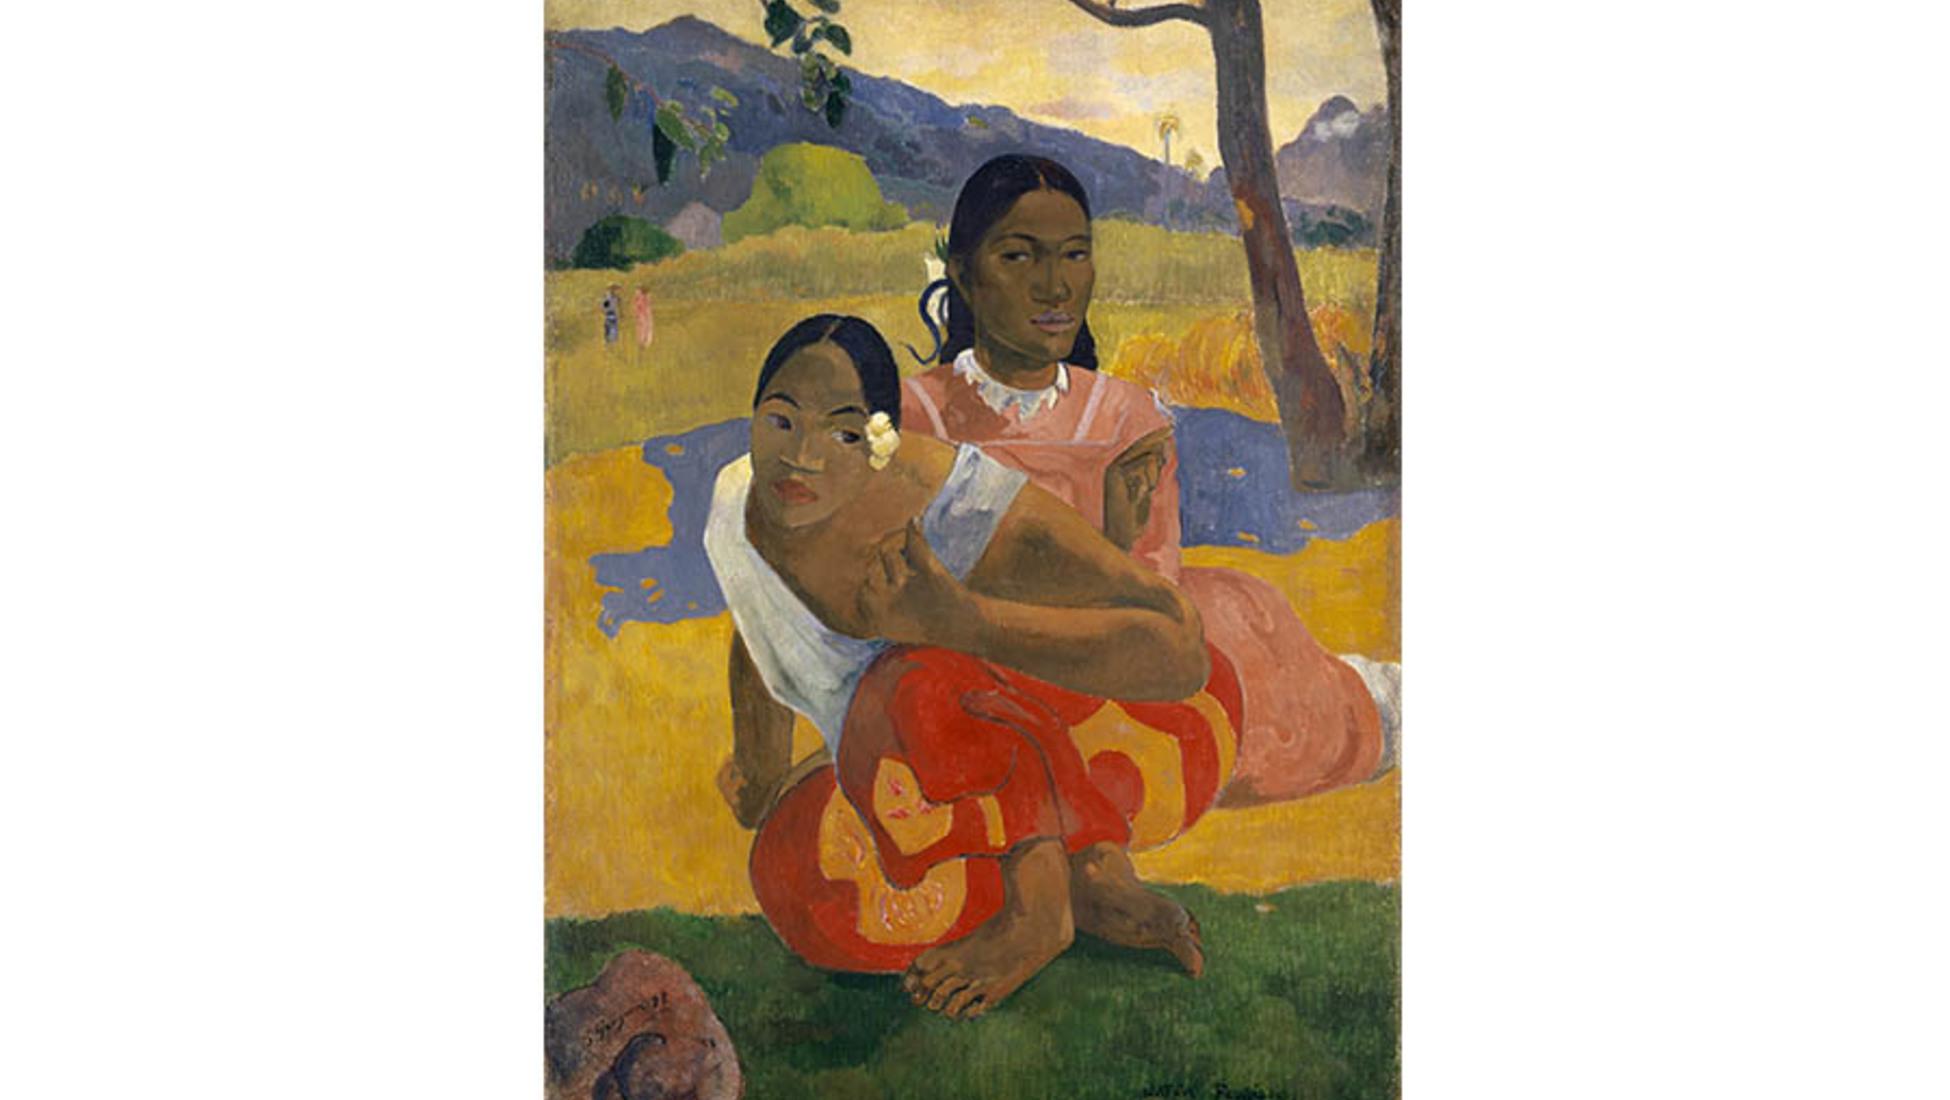 Verket såldes för 162 miljoner euro till en samlare i Qatar. Med tanke på  att Gauguin är en av modernismens grundare bb21665e8fc7e